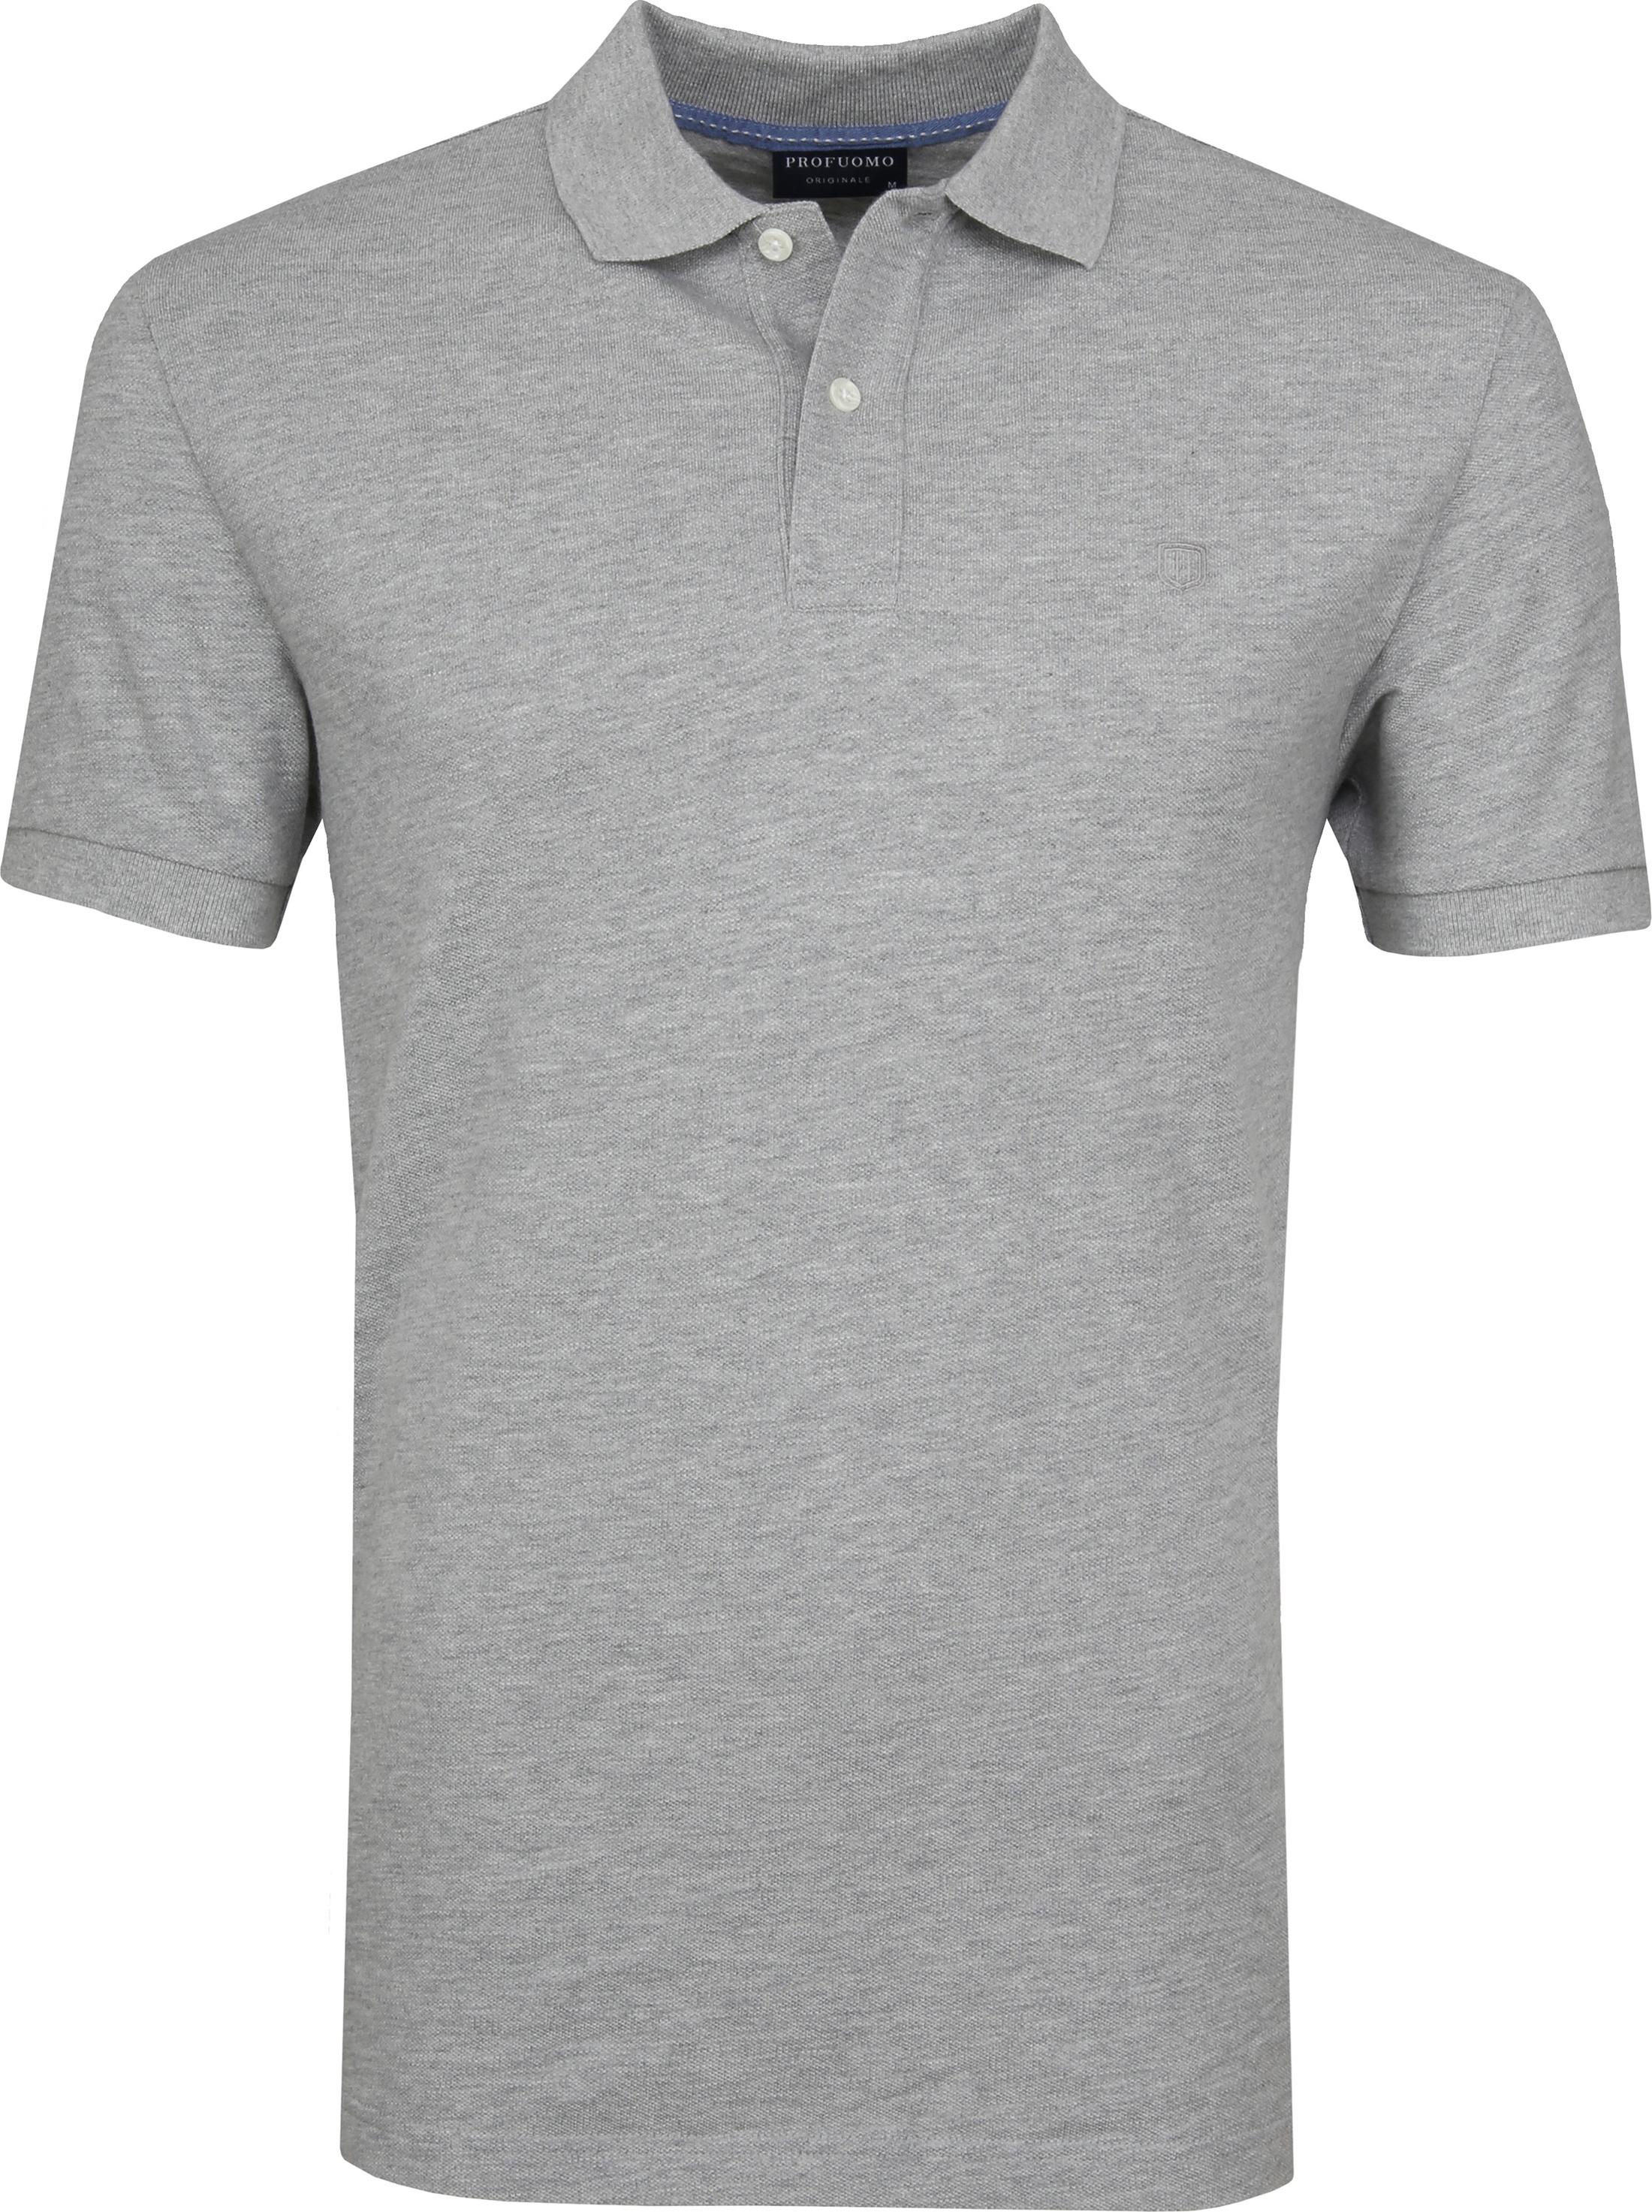 Profuomo Short Sleeve Poloshirt Hellgrau foto 0